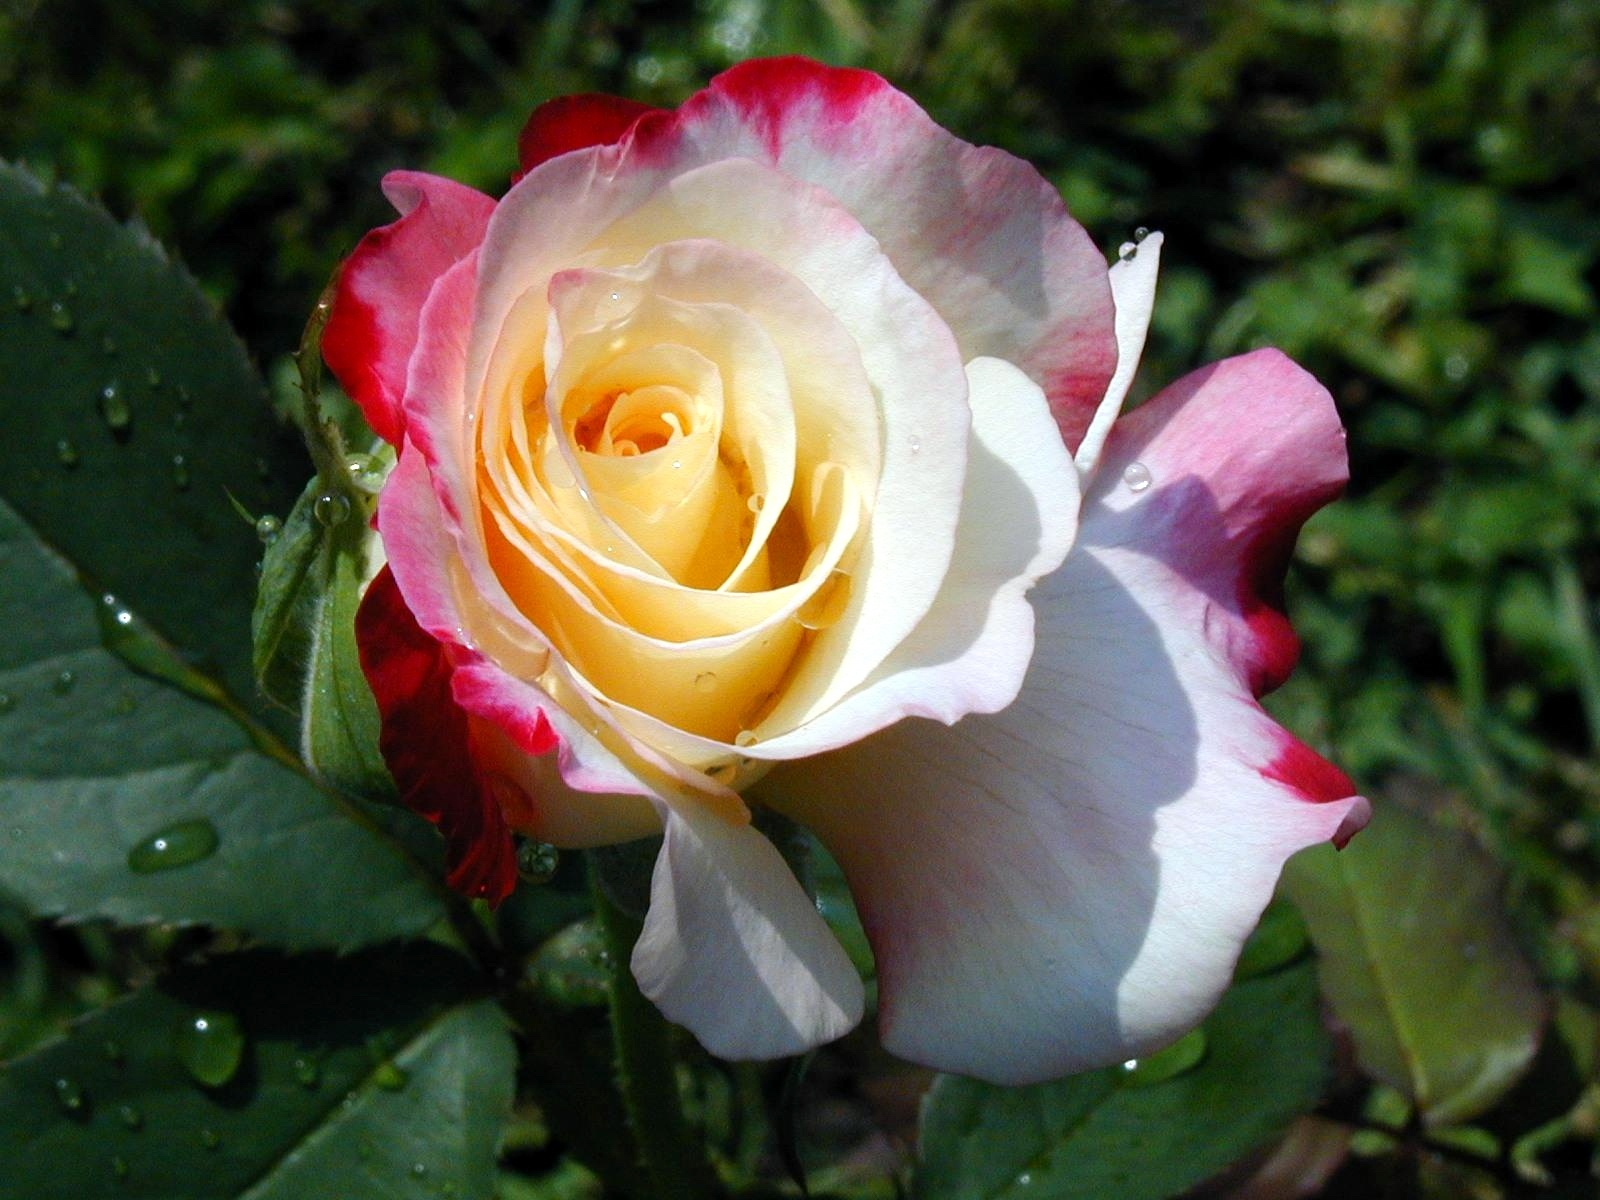 高清的玫瑰电脑壁纸图片